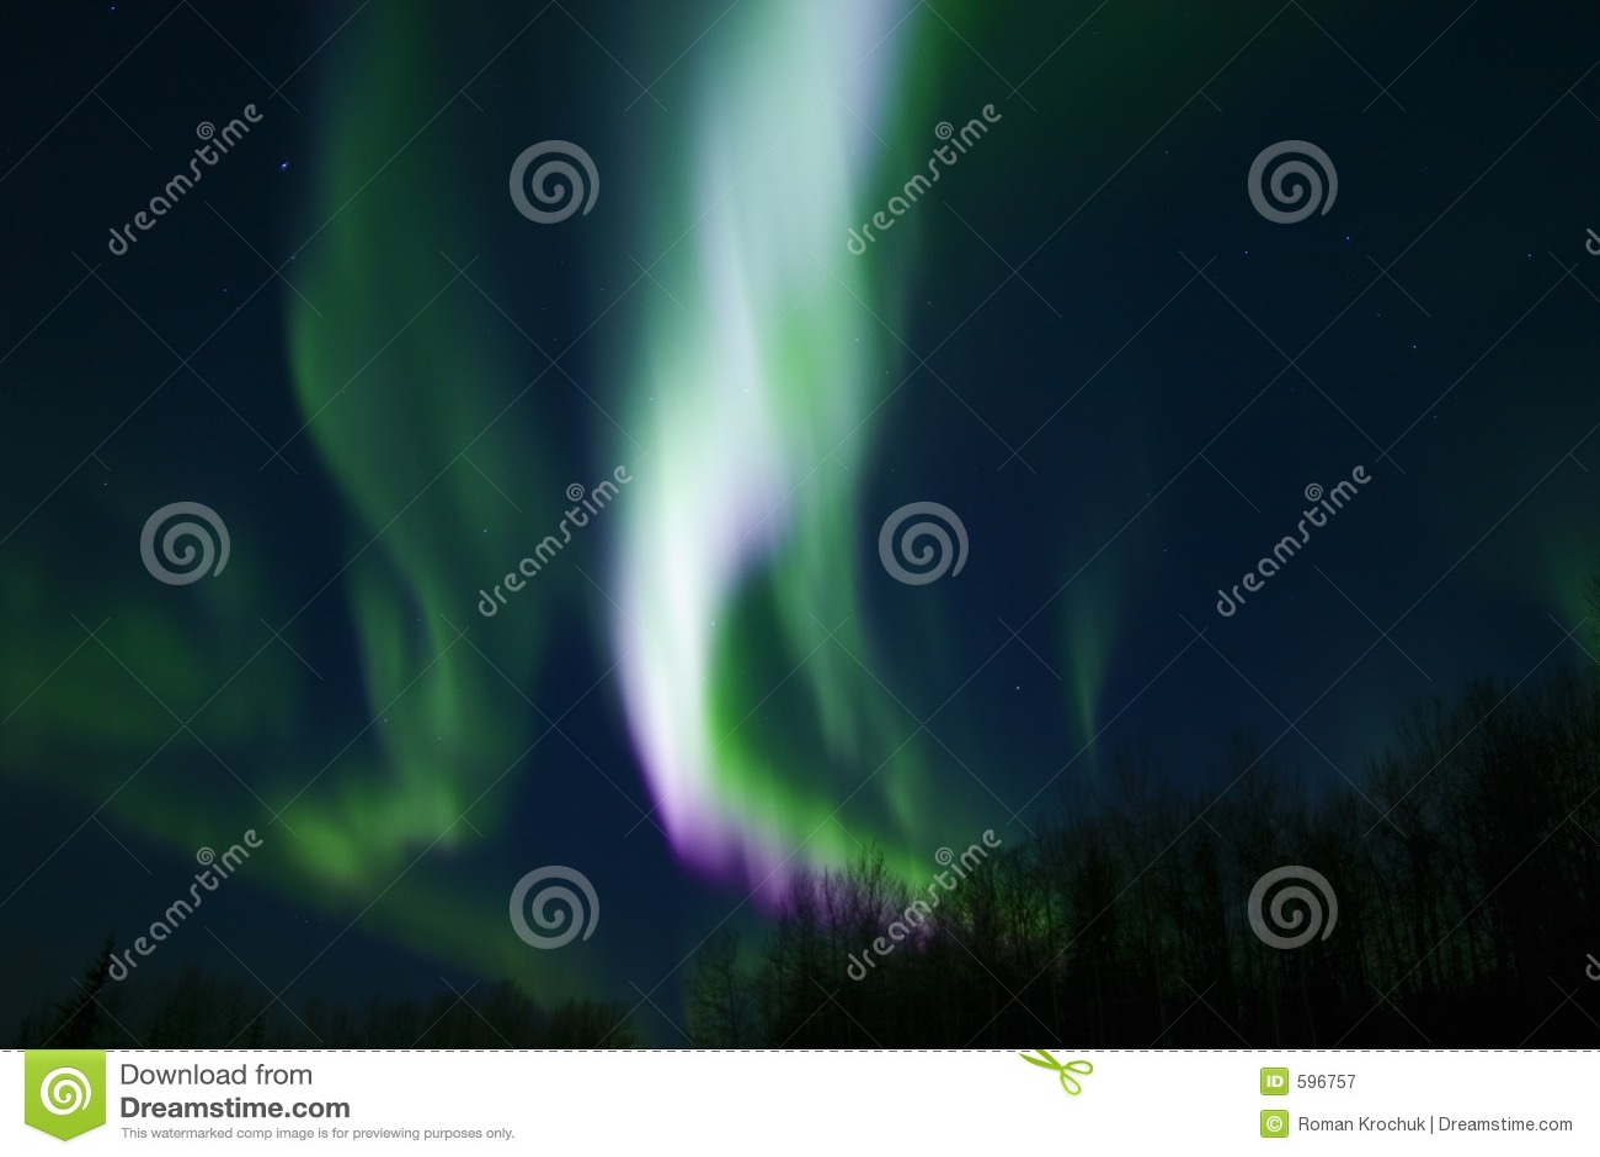 Colors of aurora